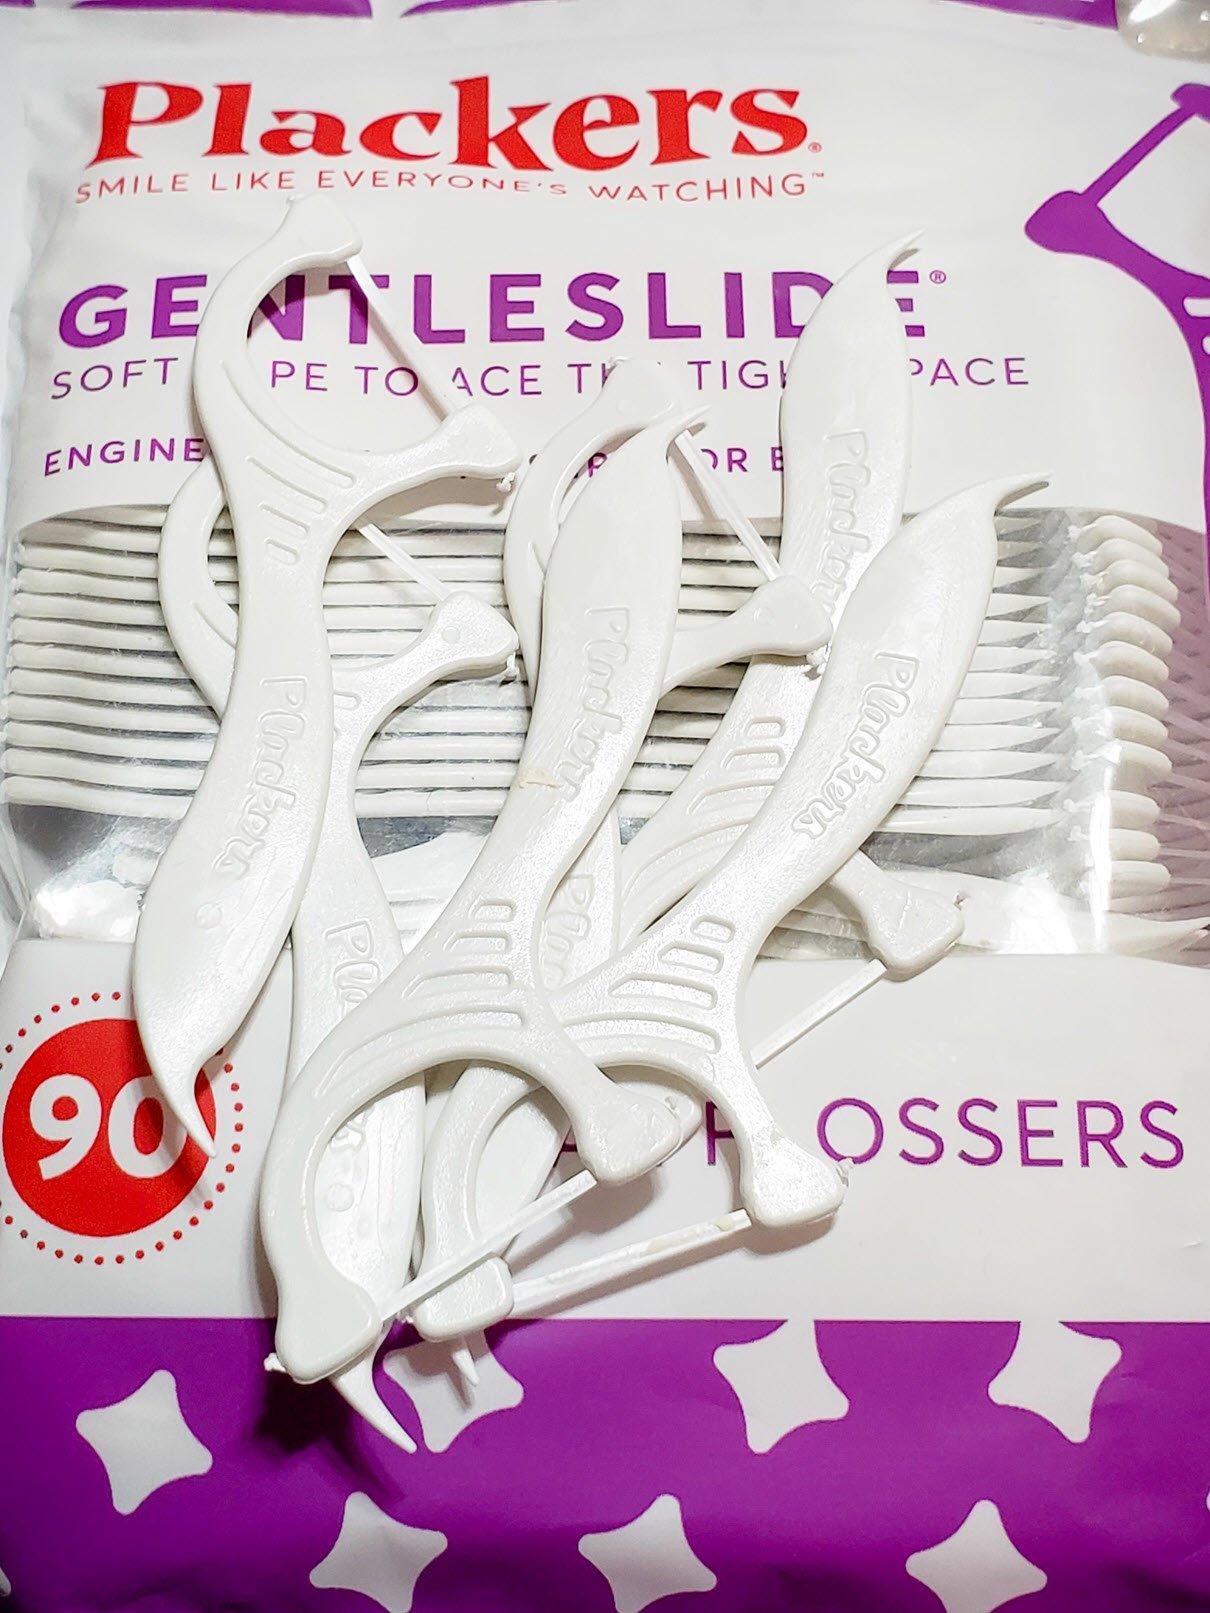 Plackers Gentleslide® Flossers